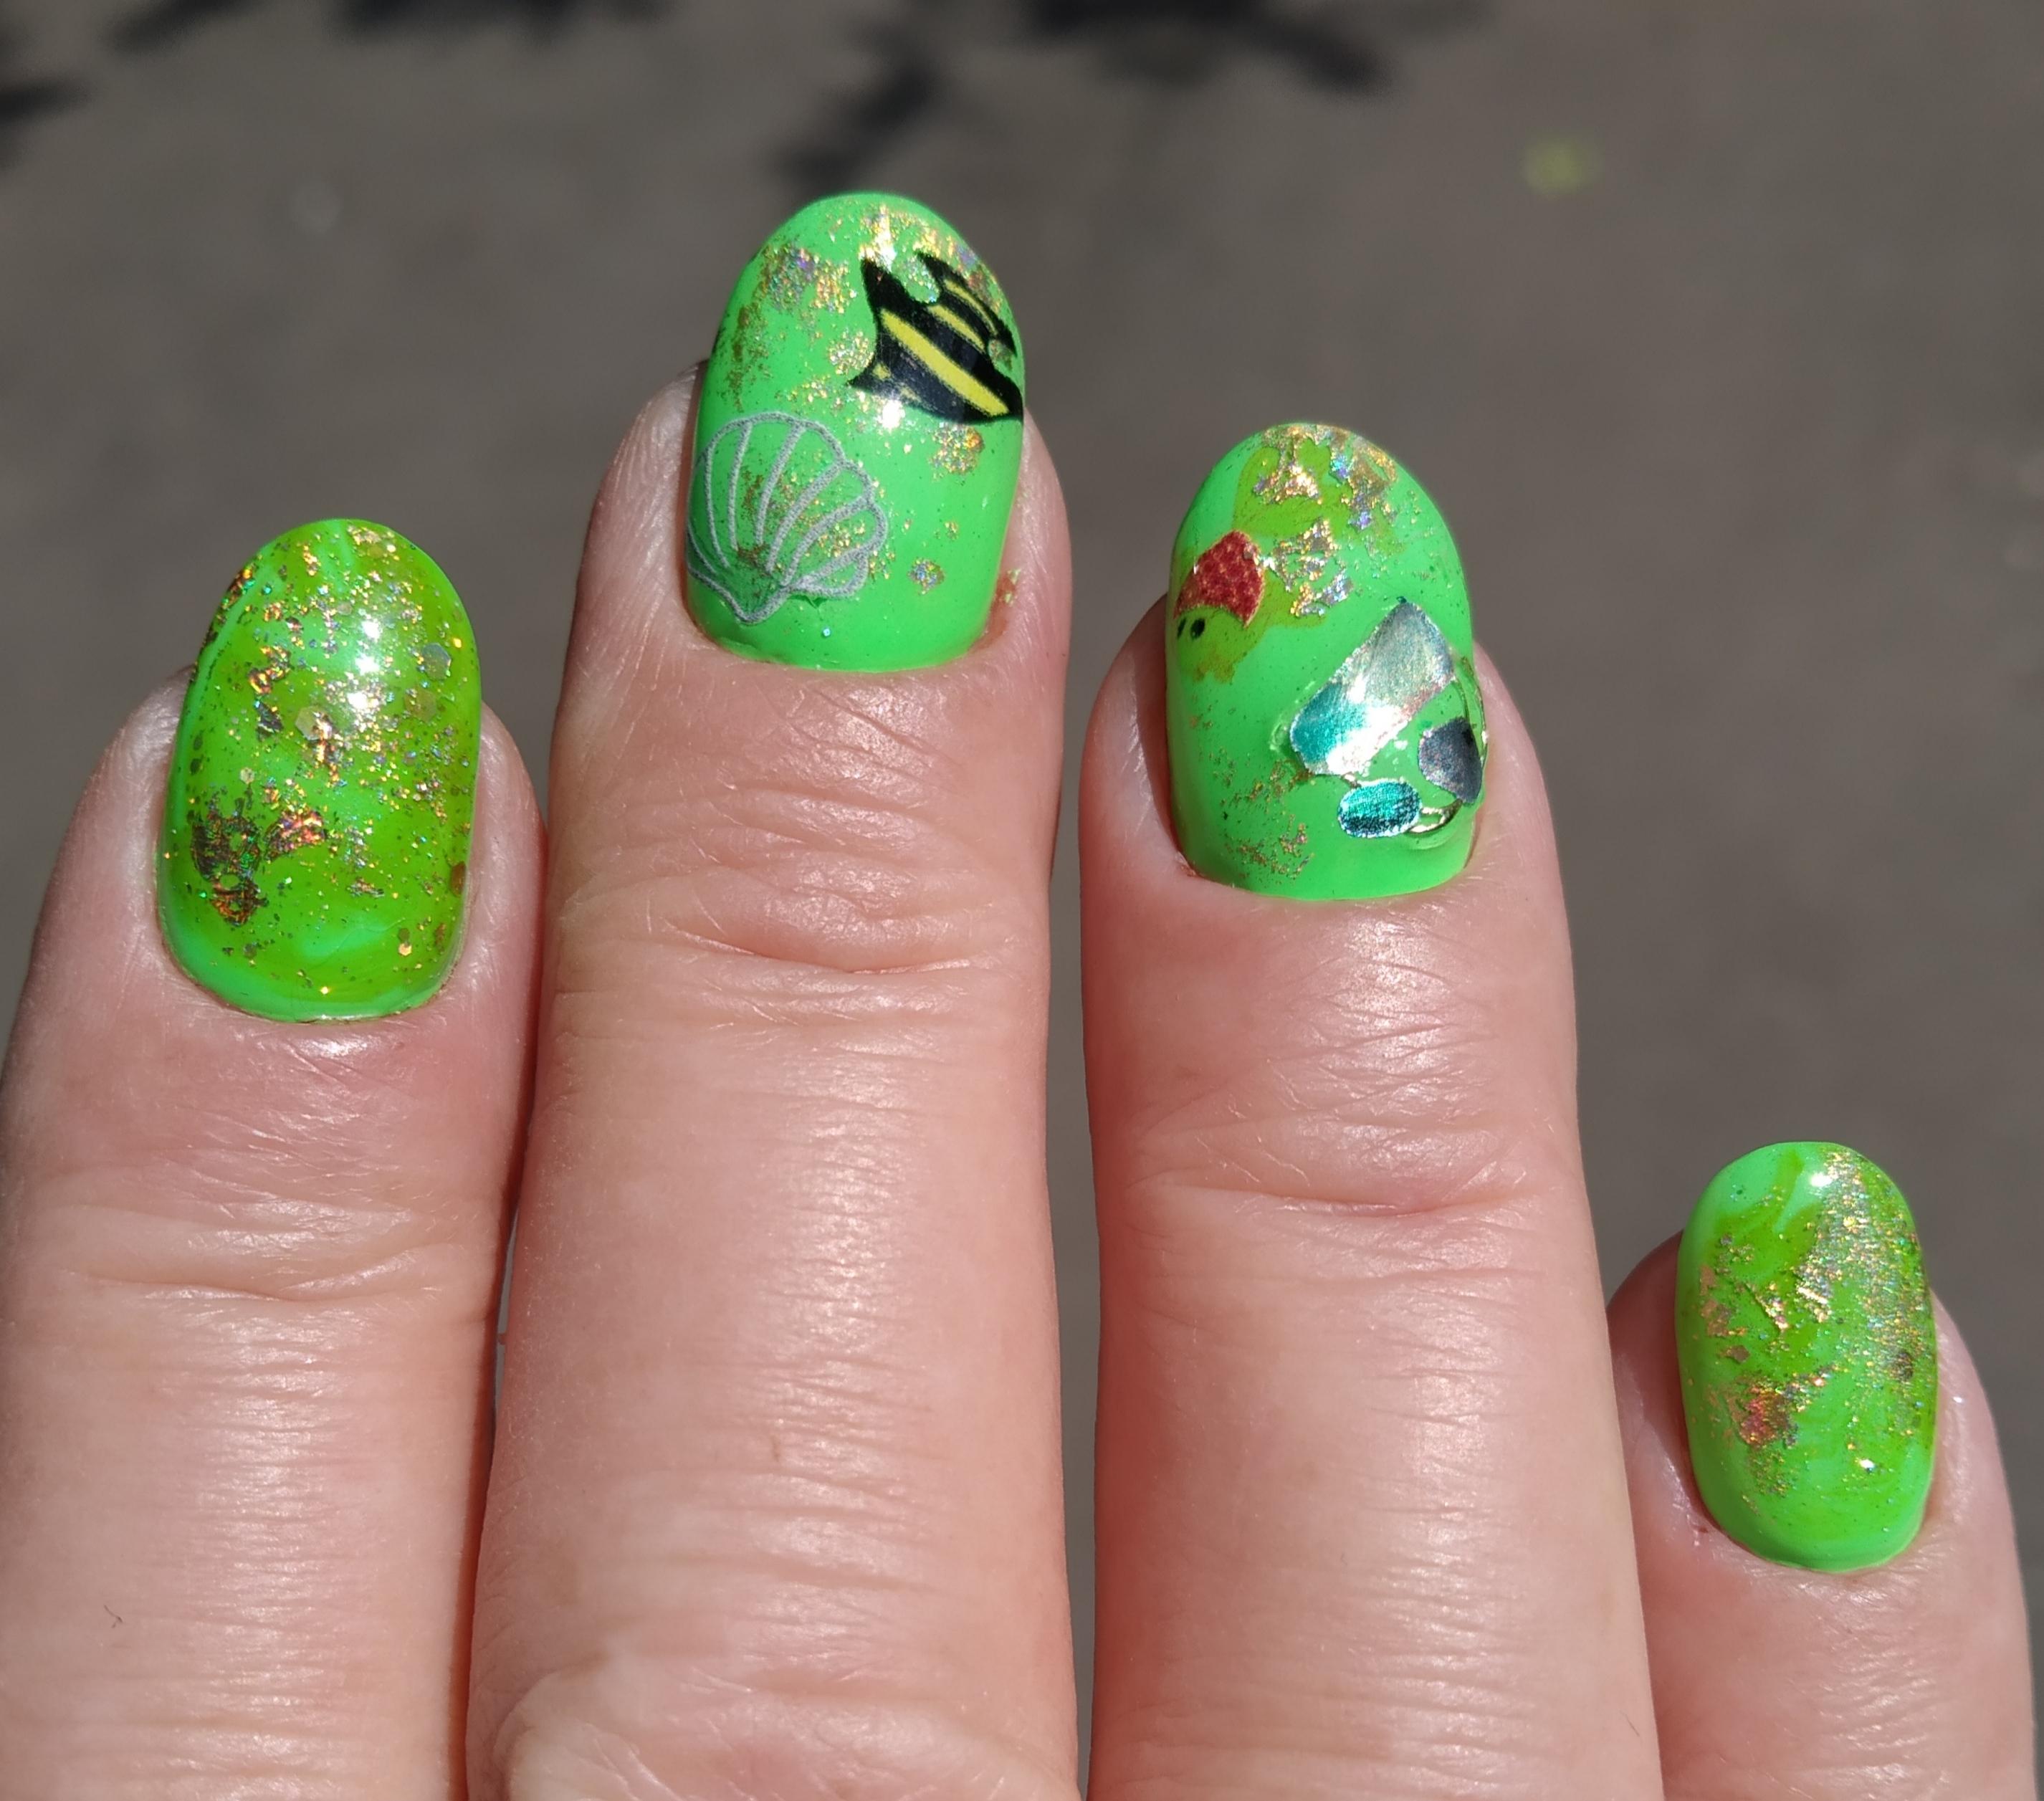 Маникюр с рыбками и цветной фольгой в кислотном цвете на короткие ногти.